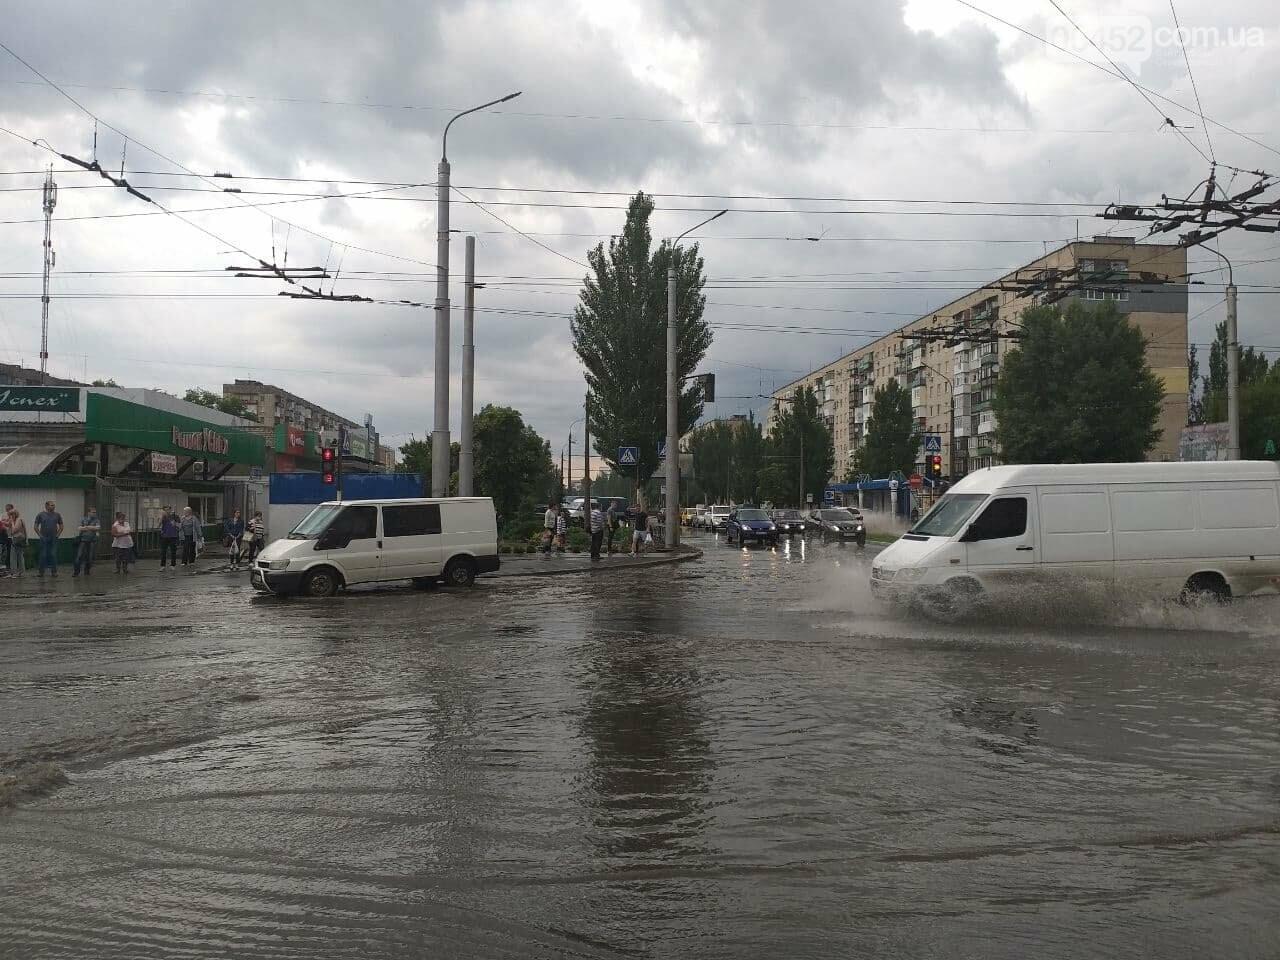 После дождика в четверг: мощный ливень обрушился на Северодонецк и оставил массу проблем, фото-12